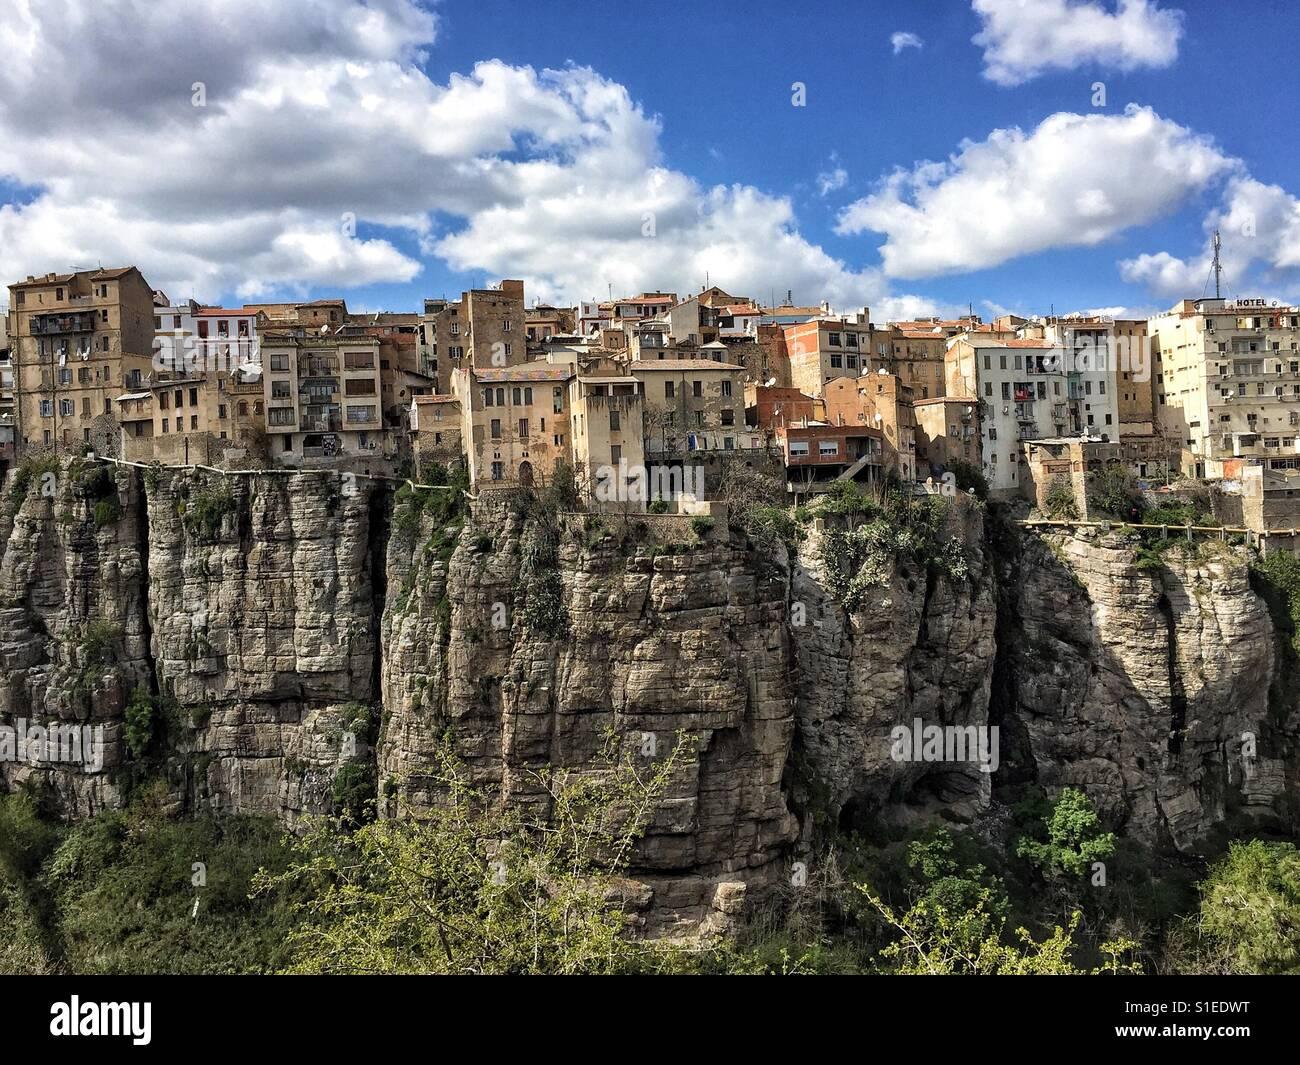 Le case sulla roccia nella città di Costantino, Algeria, Africa Immagini Stock